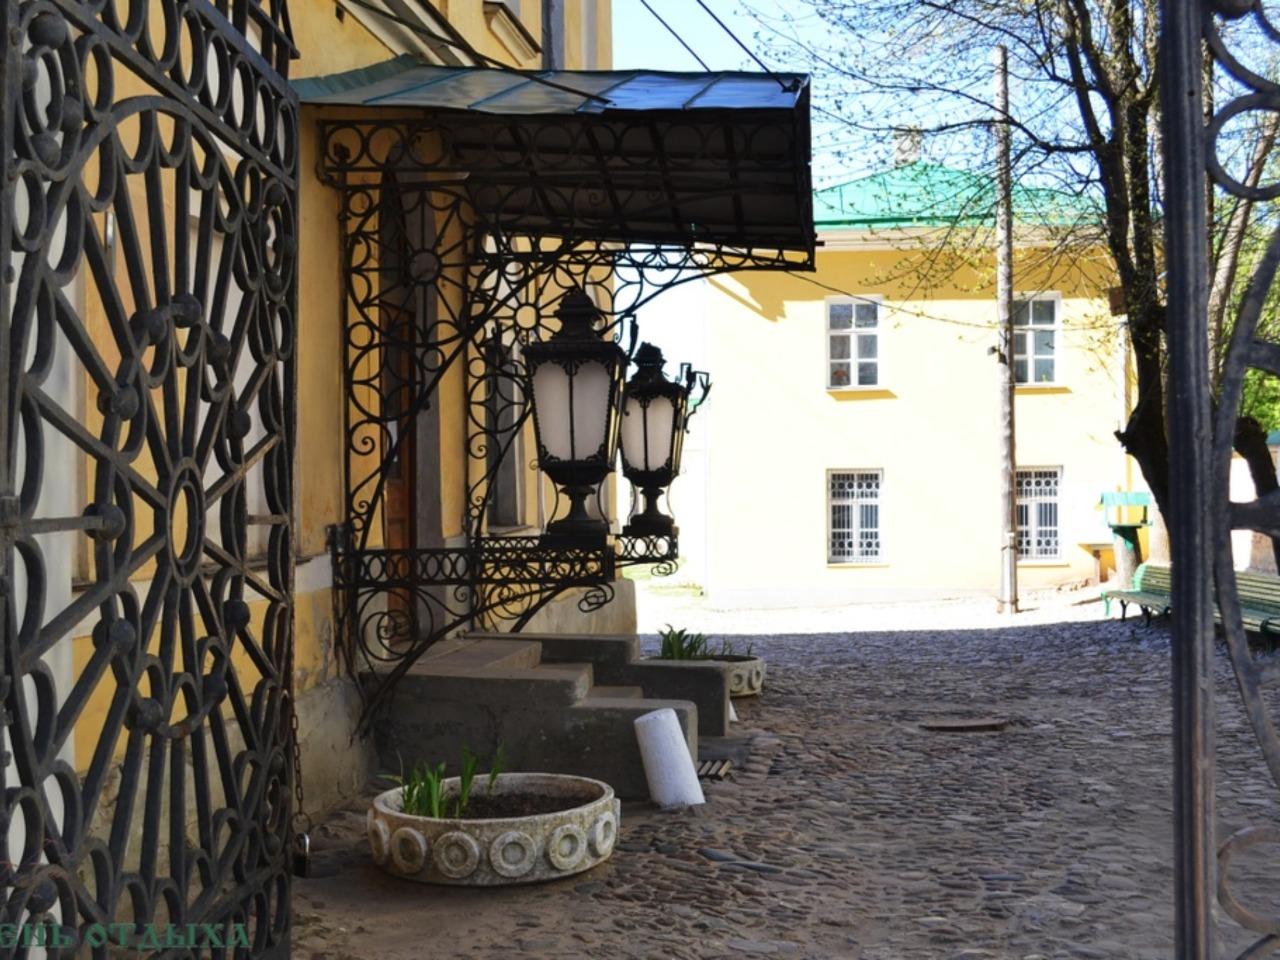 Обзорная экскурсия по Калуге - индивидуальная экскурсия в Калуге от опытного гида